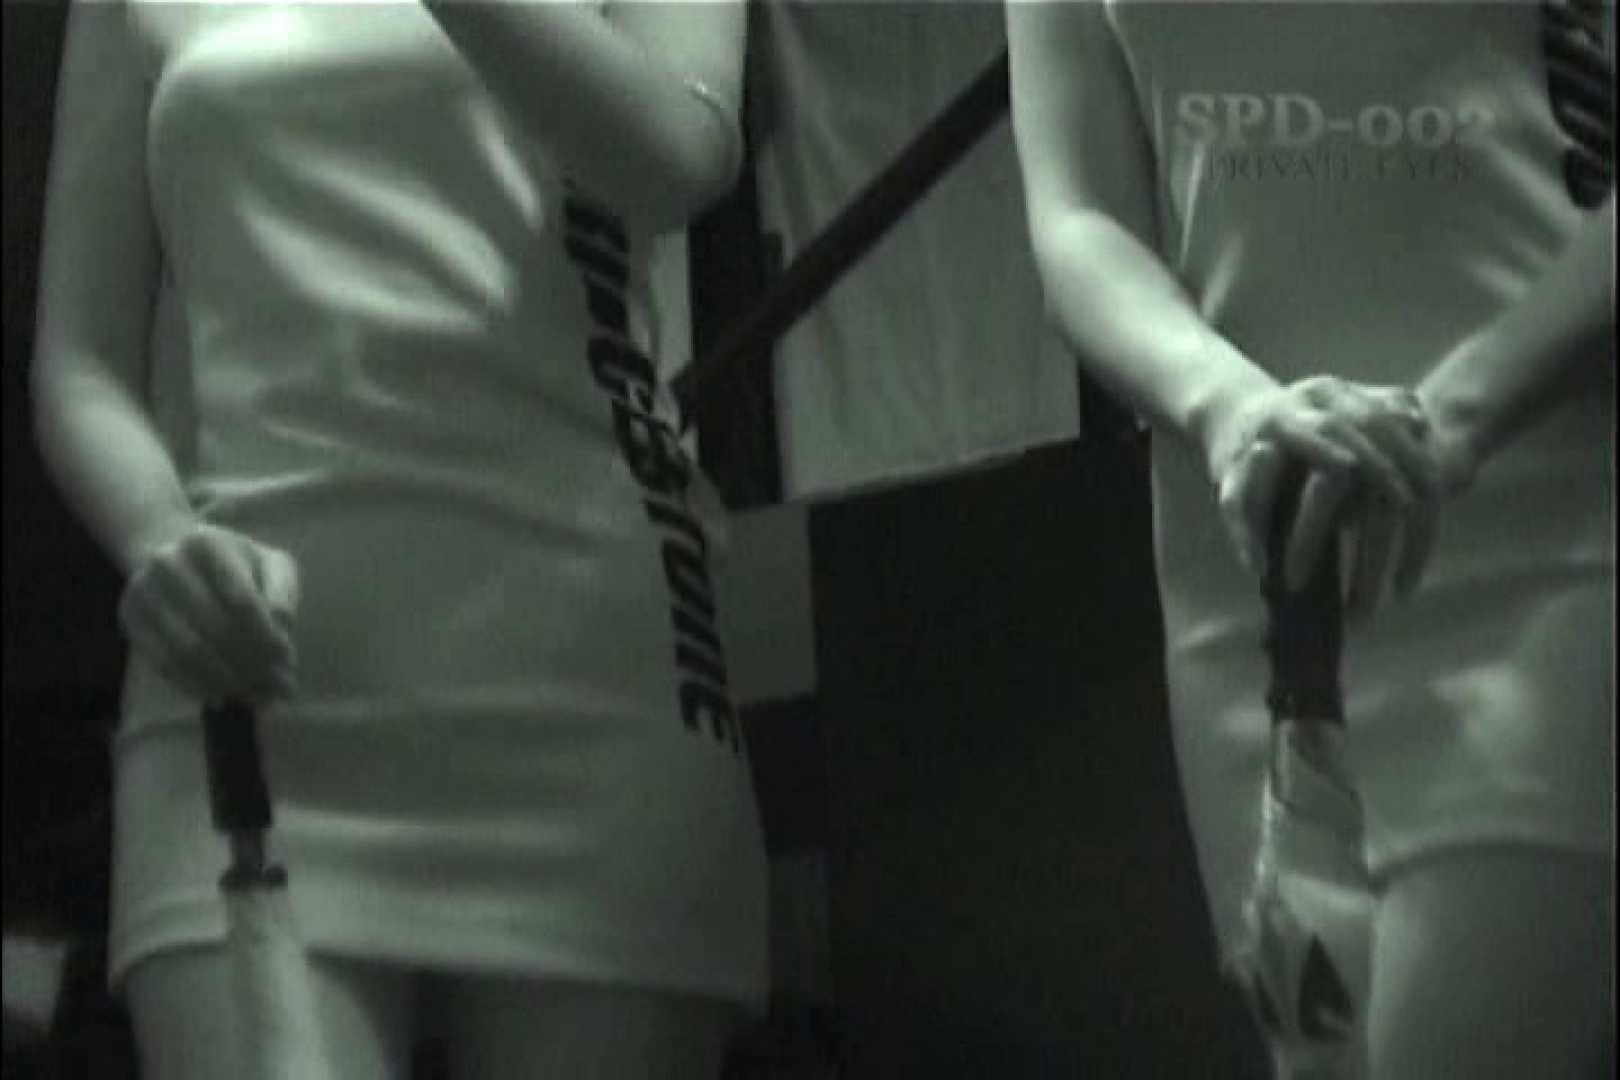 高画質版!SPD-002 レースクイーン 赤外線&盗撮 レースクイーン   名作  100pic 70